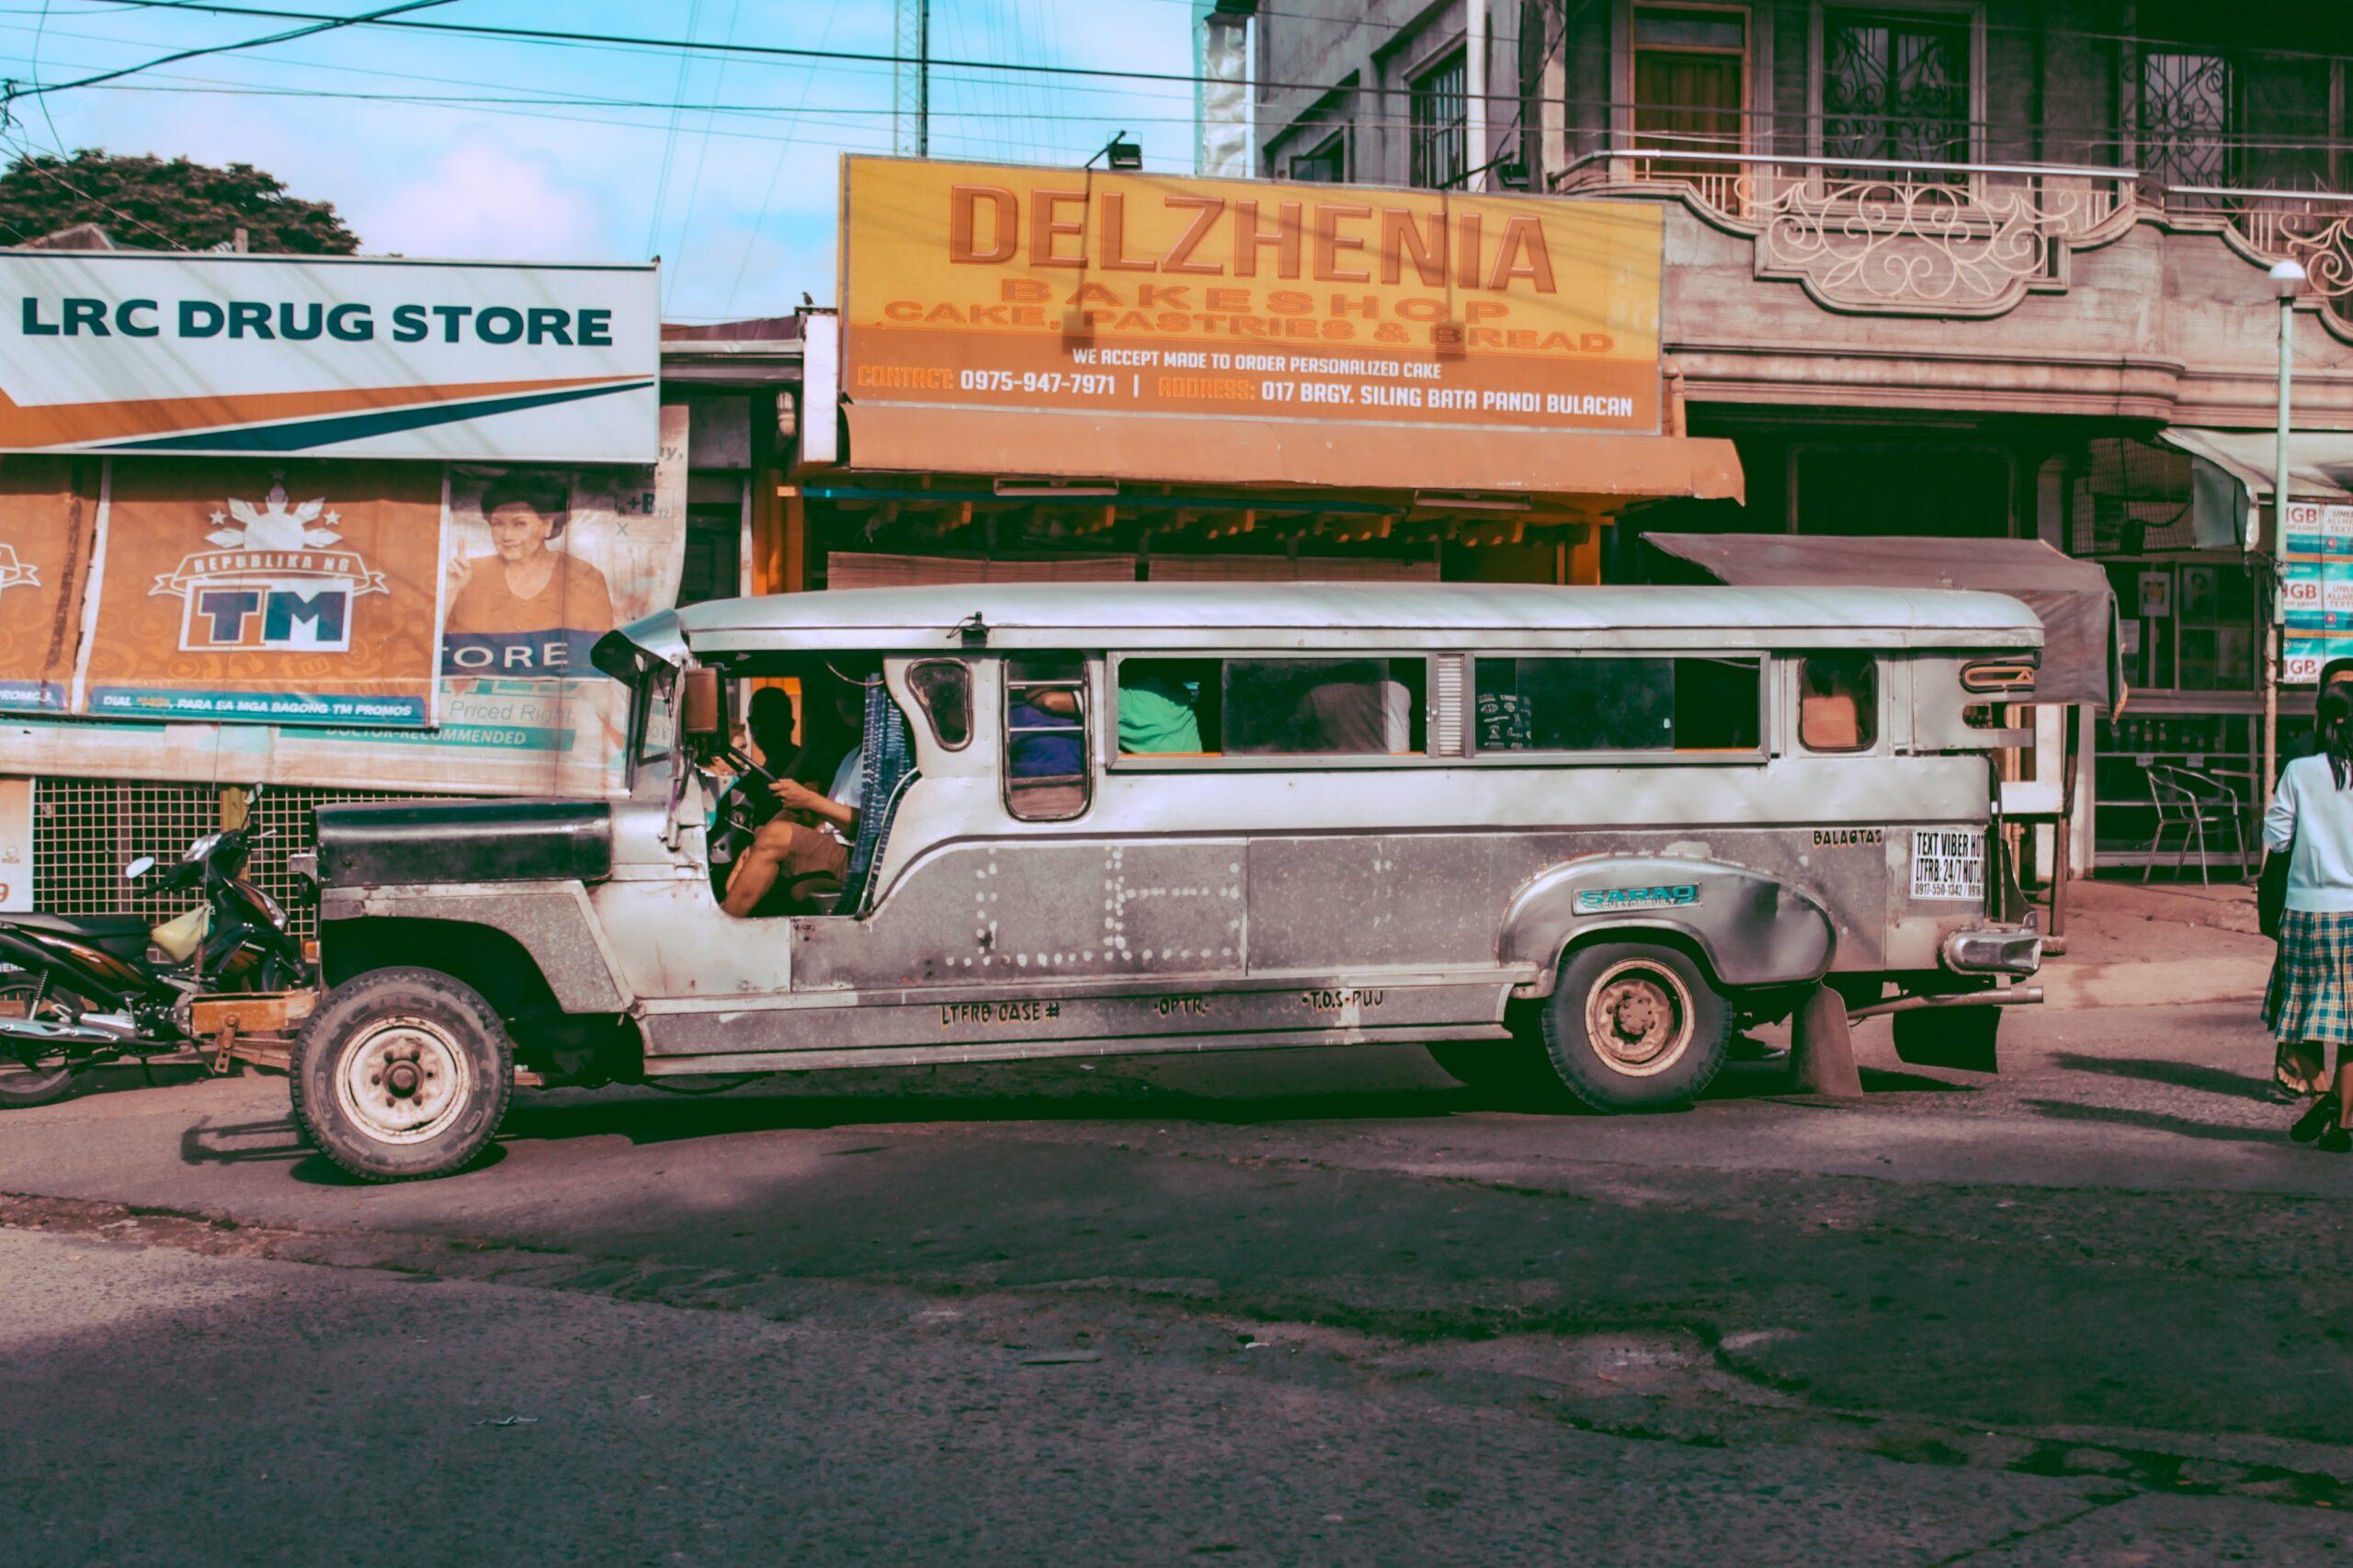 Un bus local pour le transport en commun emprunté lors d'un voyage Amérique du Sud